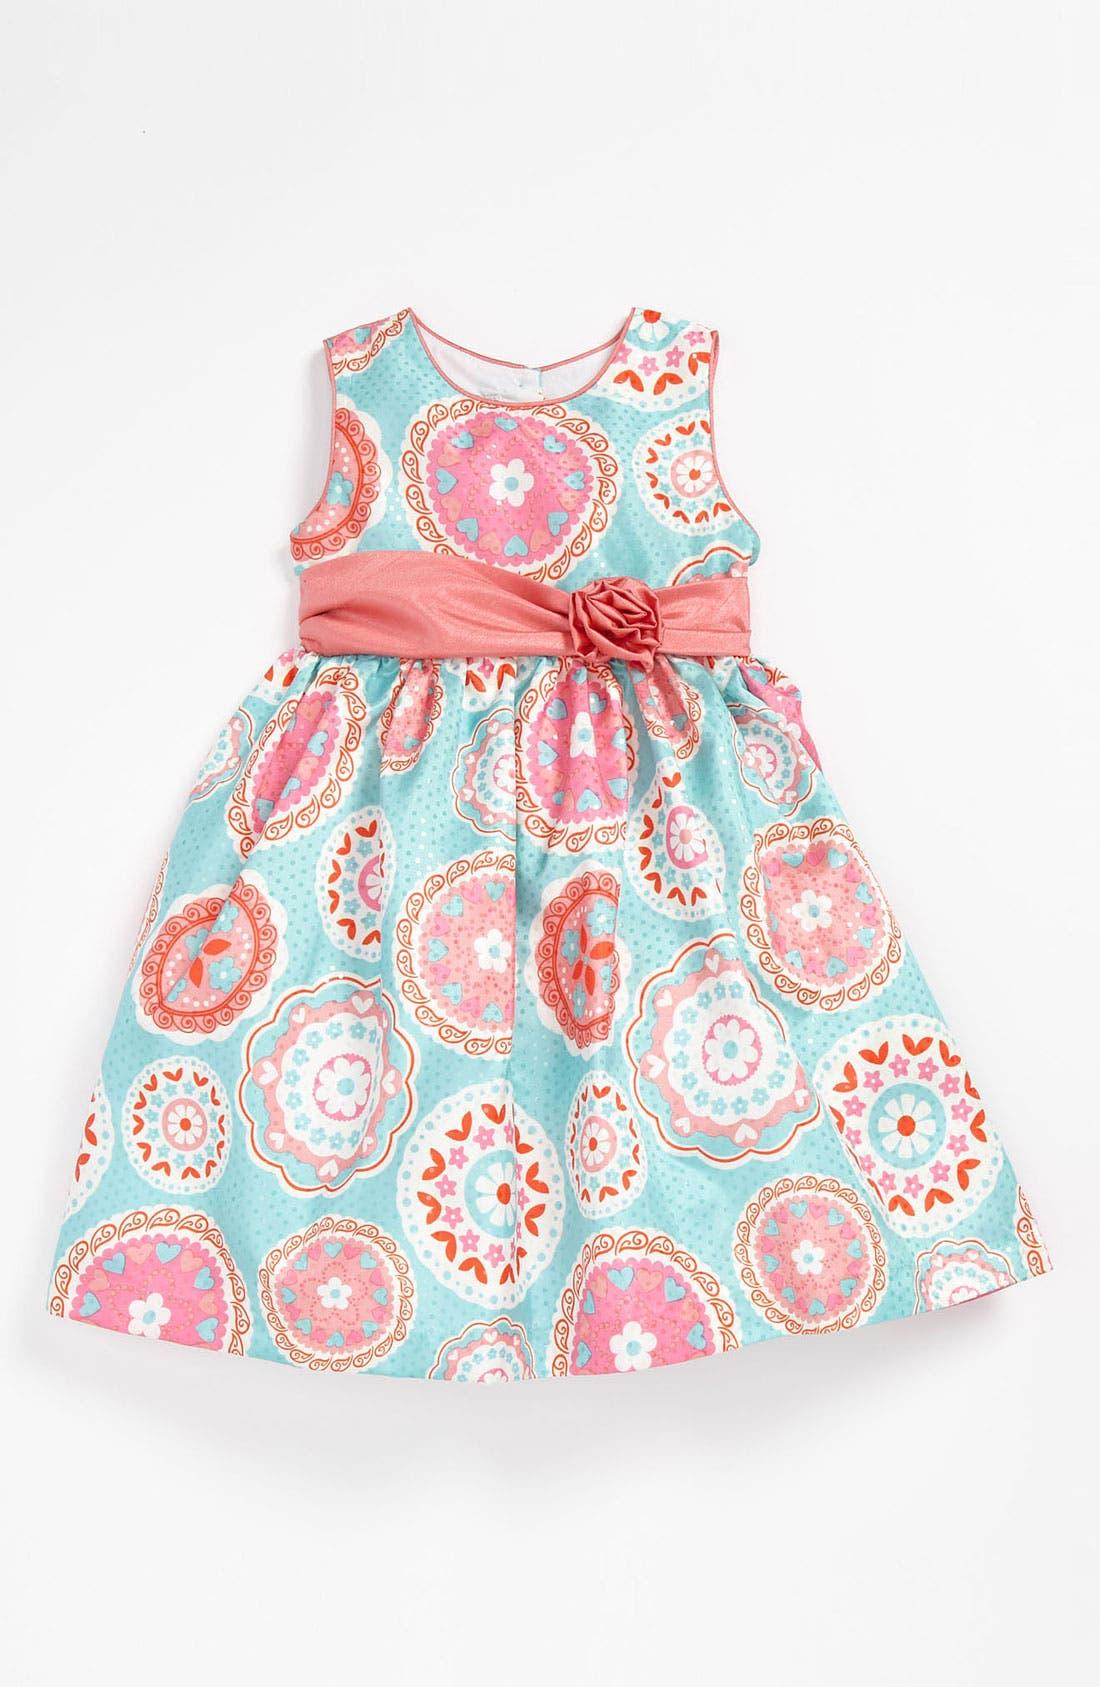 Alternate Image 1 Selected - Pippa & Julie Medallion Print Dress (Toddler)